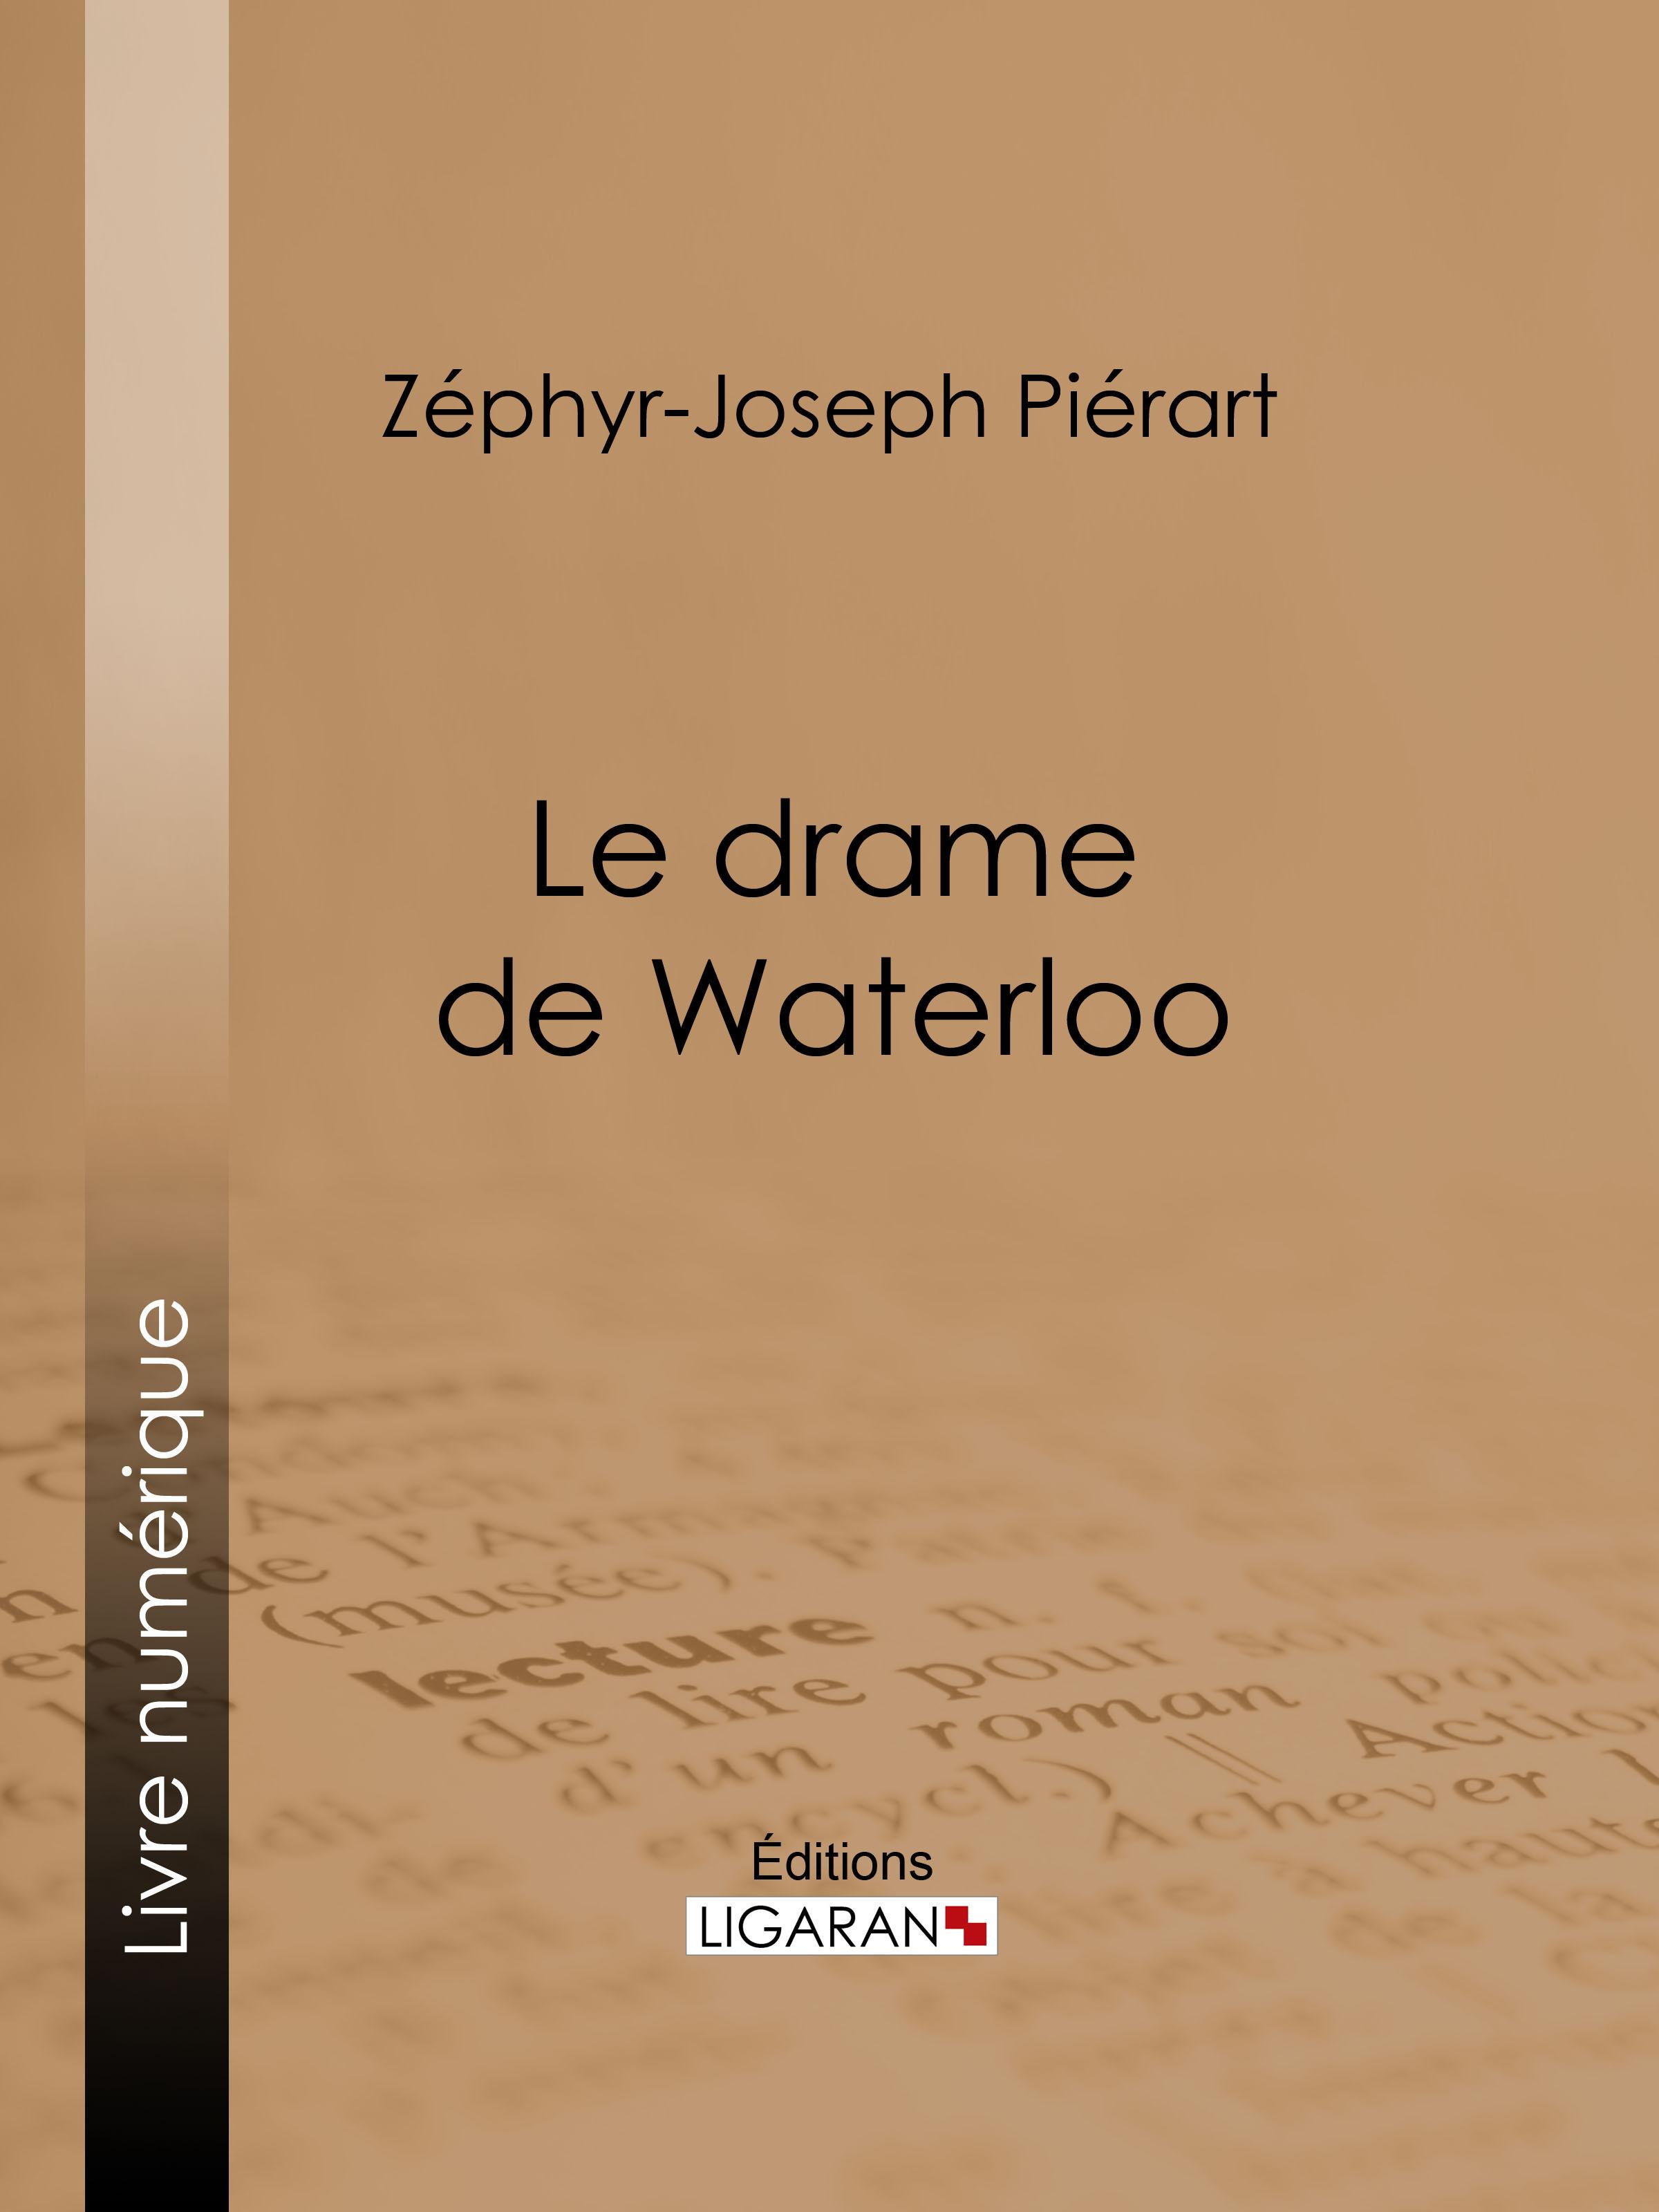 Le drame de Waterloo